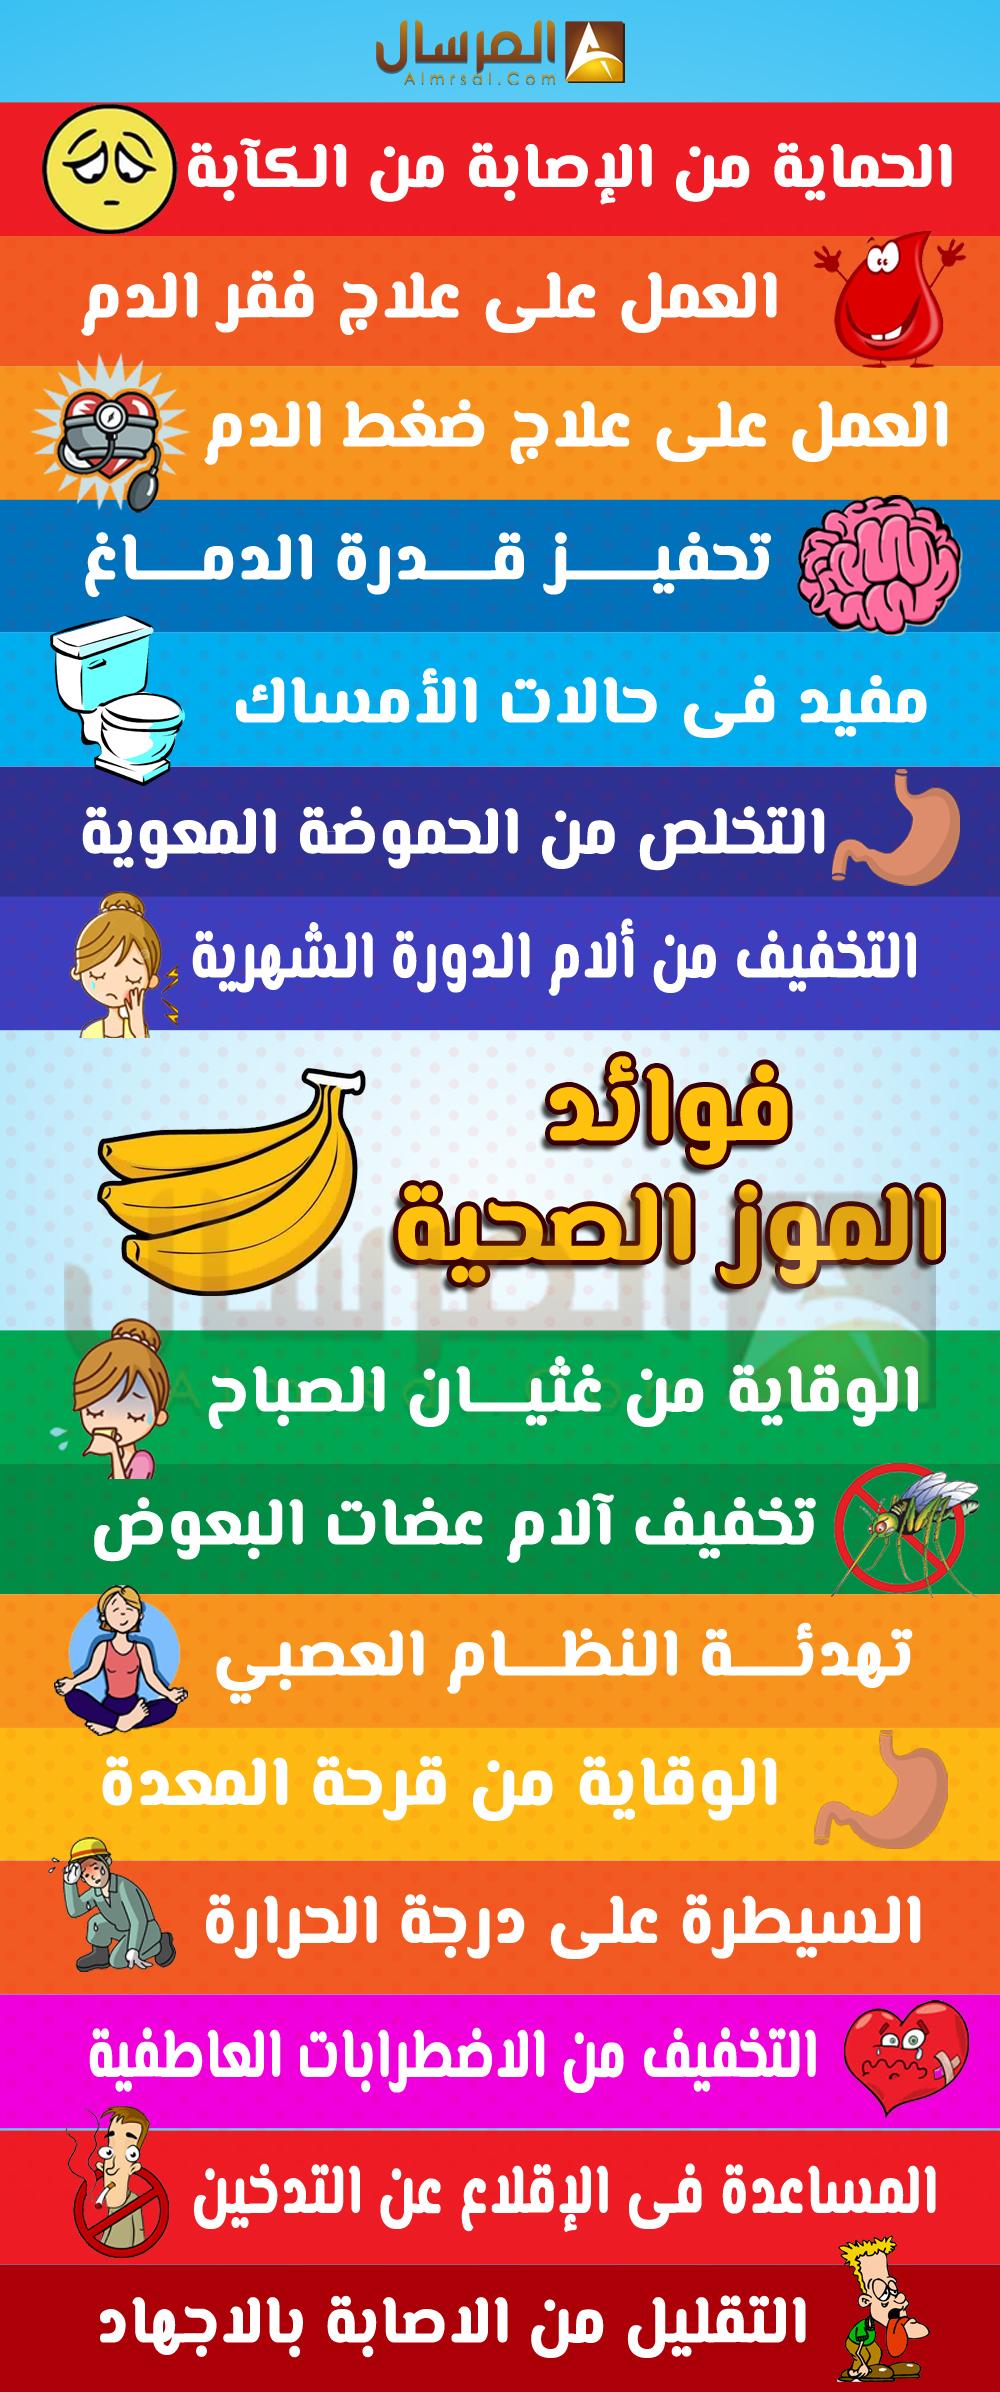 فوائد الموز الصحية : الكآبة: وفقاً لدراسة جديدة، على أشخاص مصابين بالكآبة،  شعر الكثيرون بالتحسن بعد تناولهم الموز، حيث يحتوي الموز على ترايبتوفان، نوع  من ...